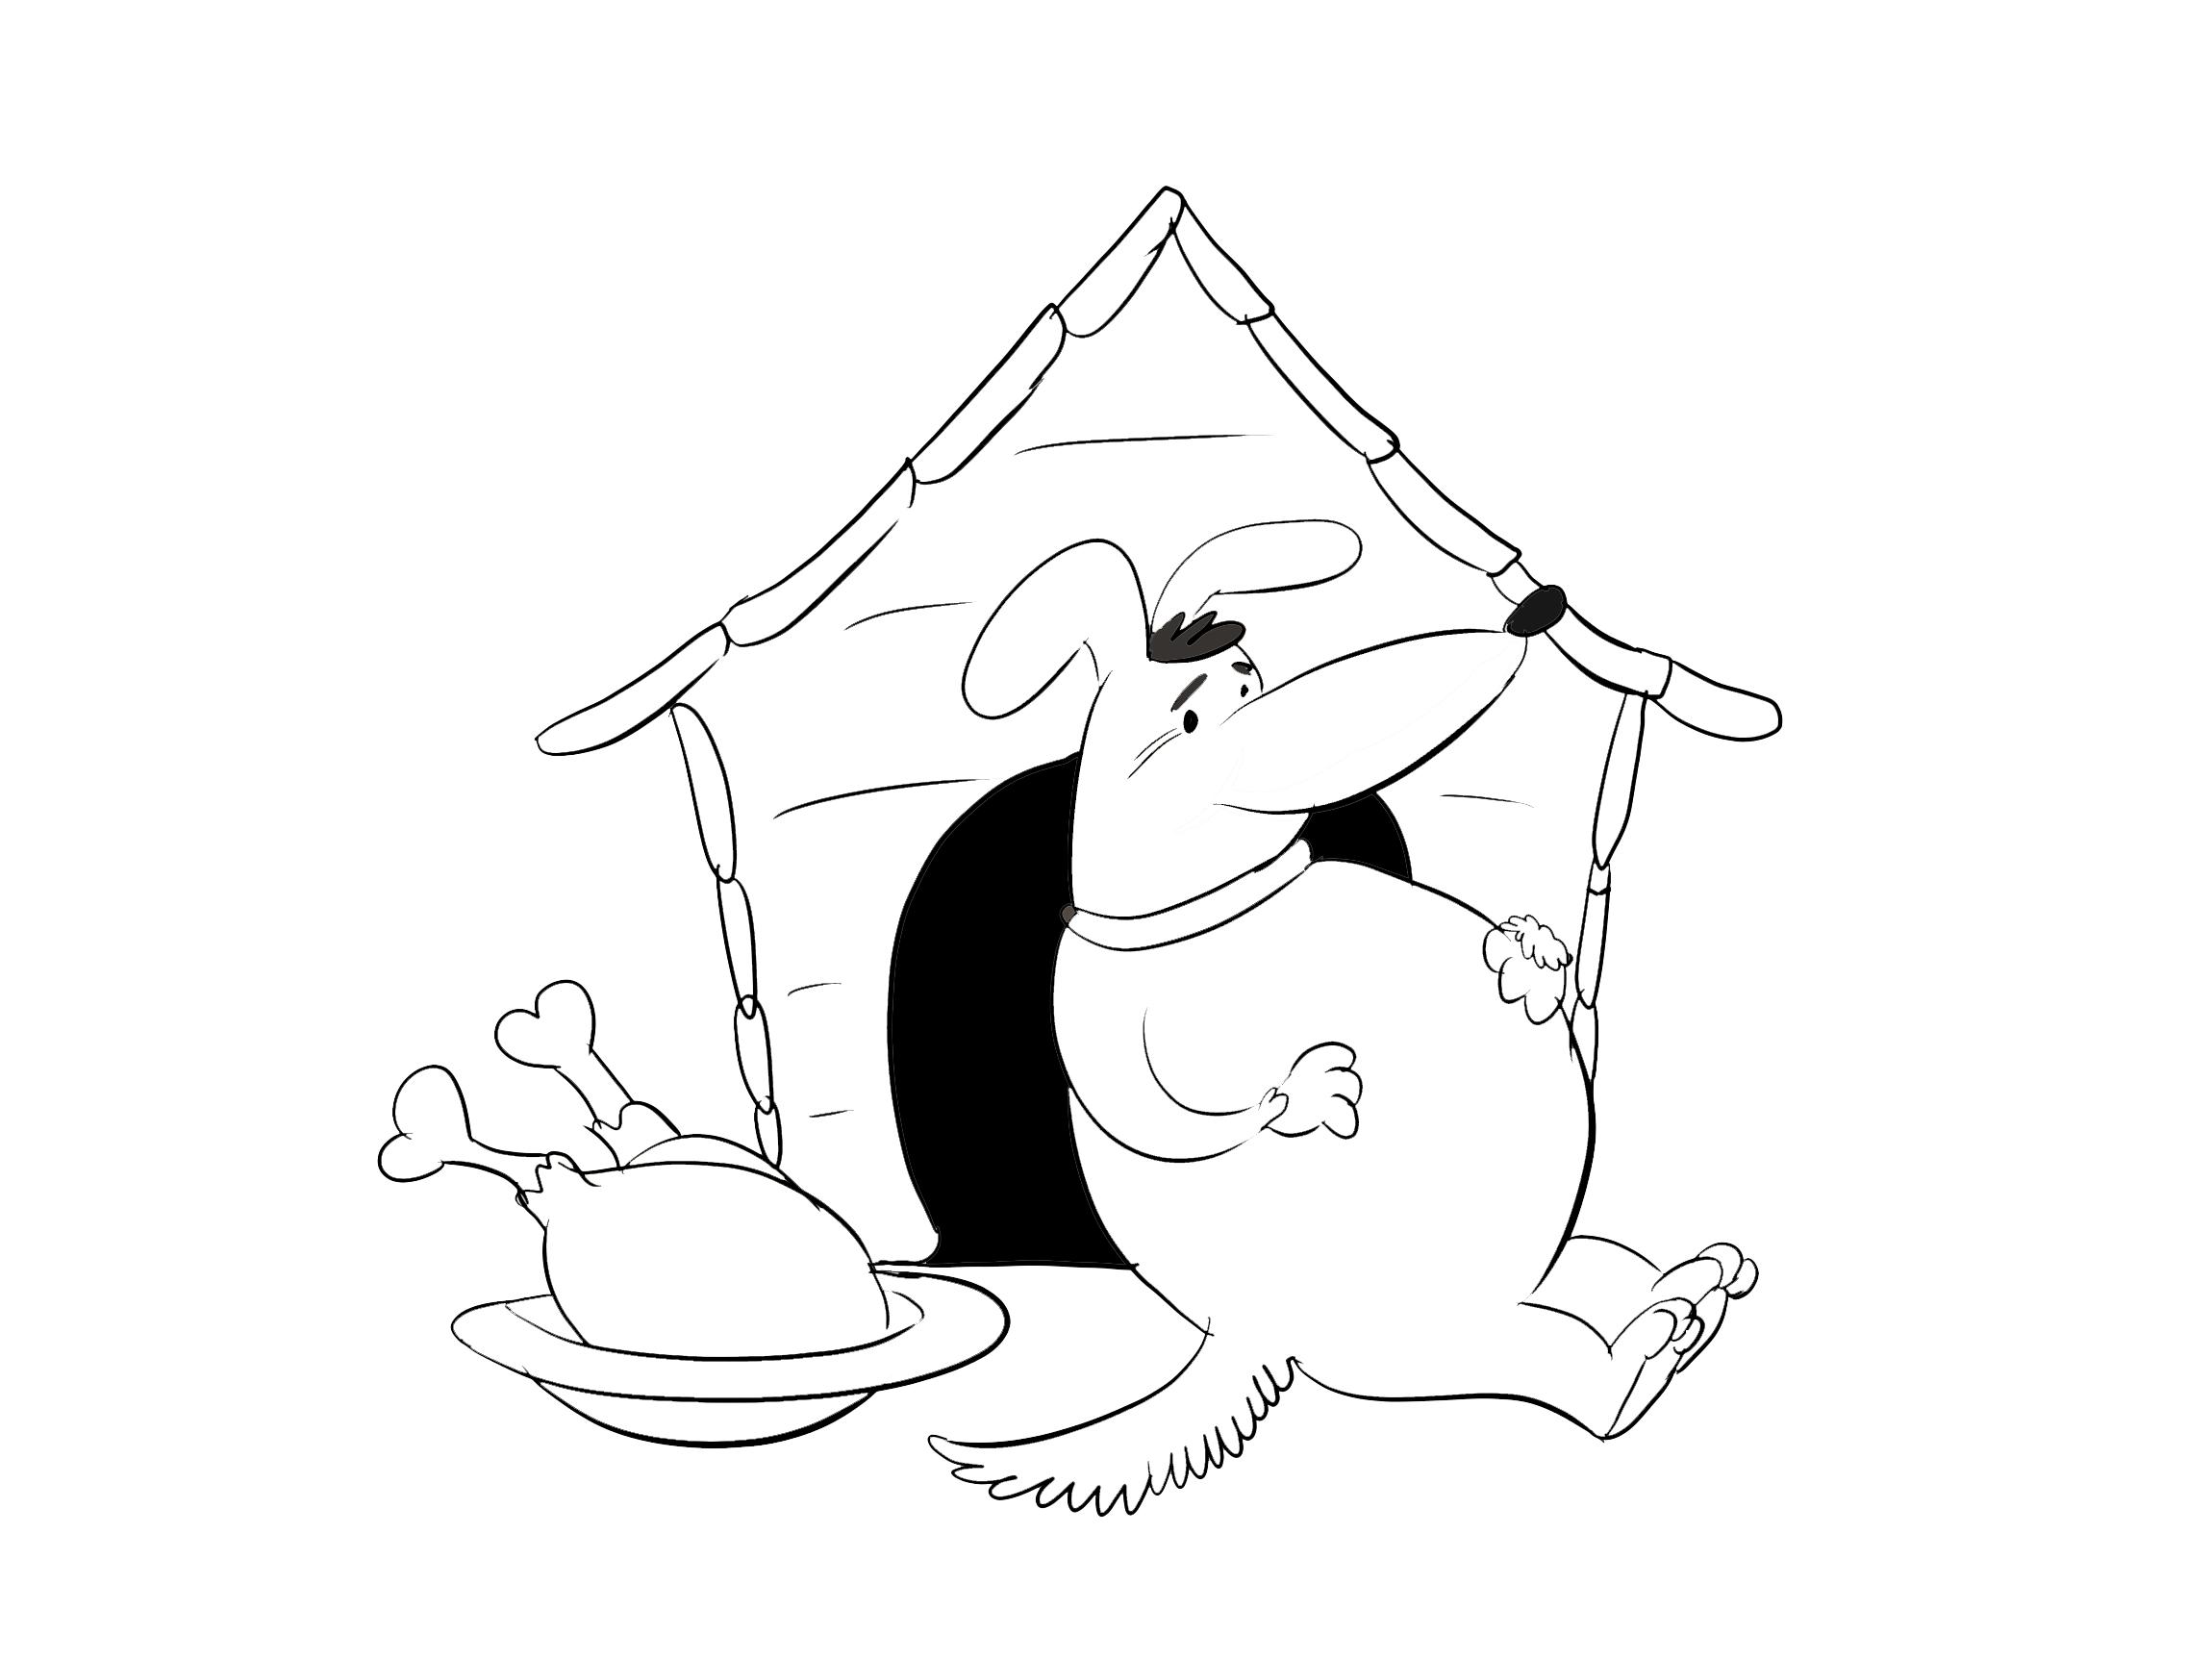 Hundehütte Ausmalbild zum Ausdrucken und Ausmalen kostenlos